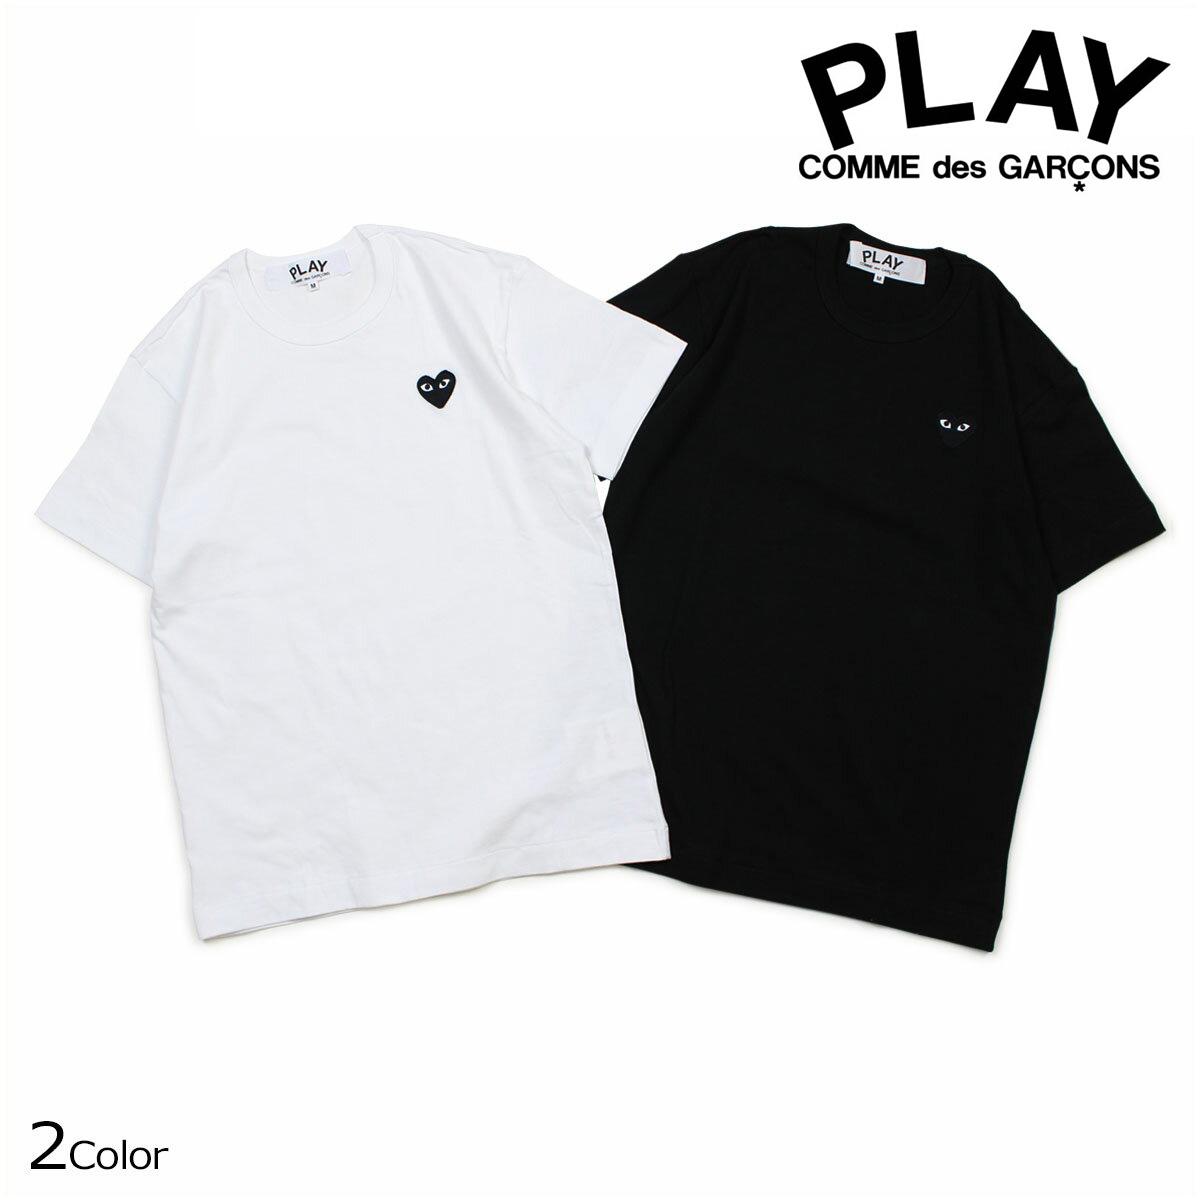 コムデギャルソン PLAY Tシャツ 半袖 COMME des GARCONS メンズ BLACK HEART T-SHIRT ブラック ホワイト AZT064 [10/3 再入荷]